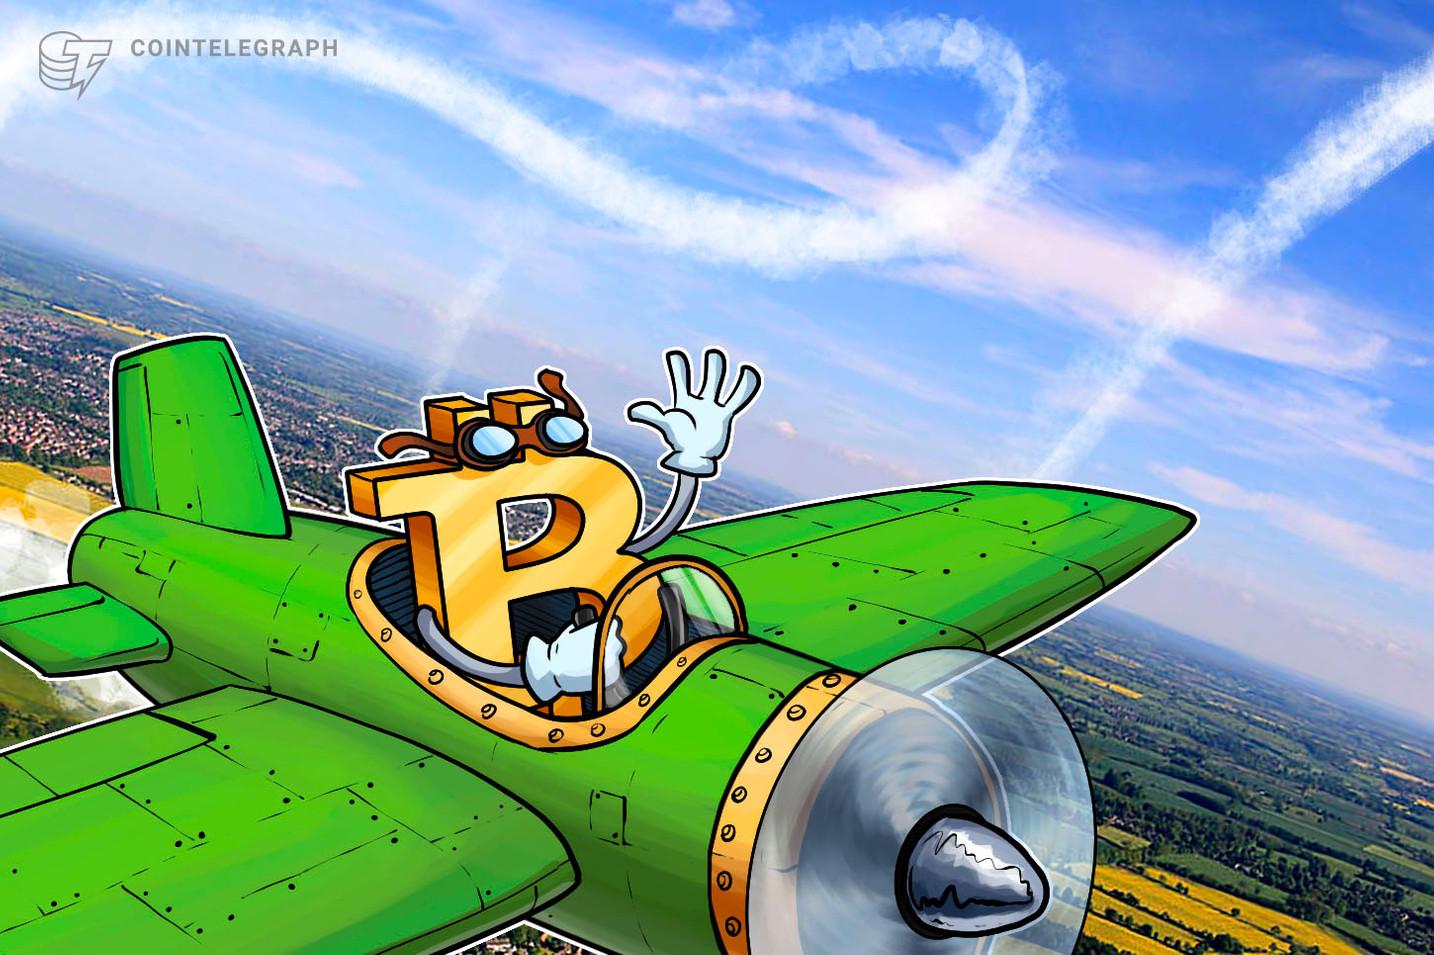 Bitcoin nähert sich 3.500 € , Top 20 Kryptos verzeichnen leichte Gewinne